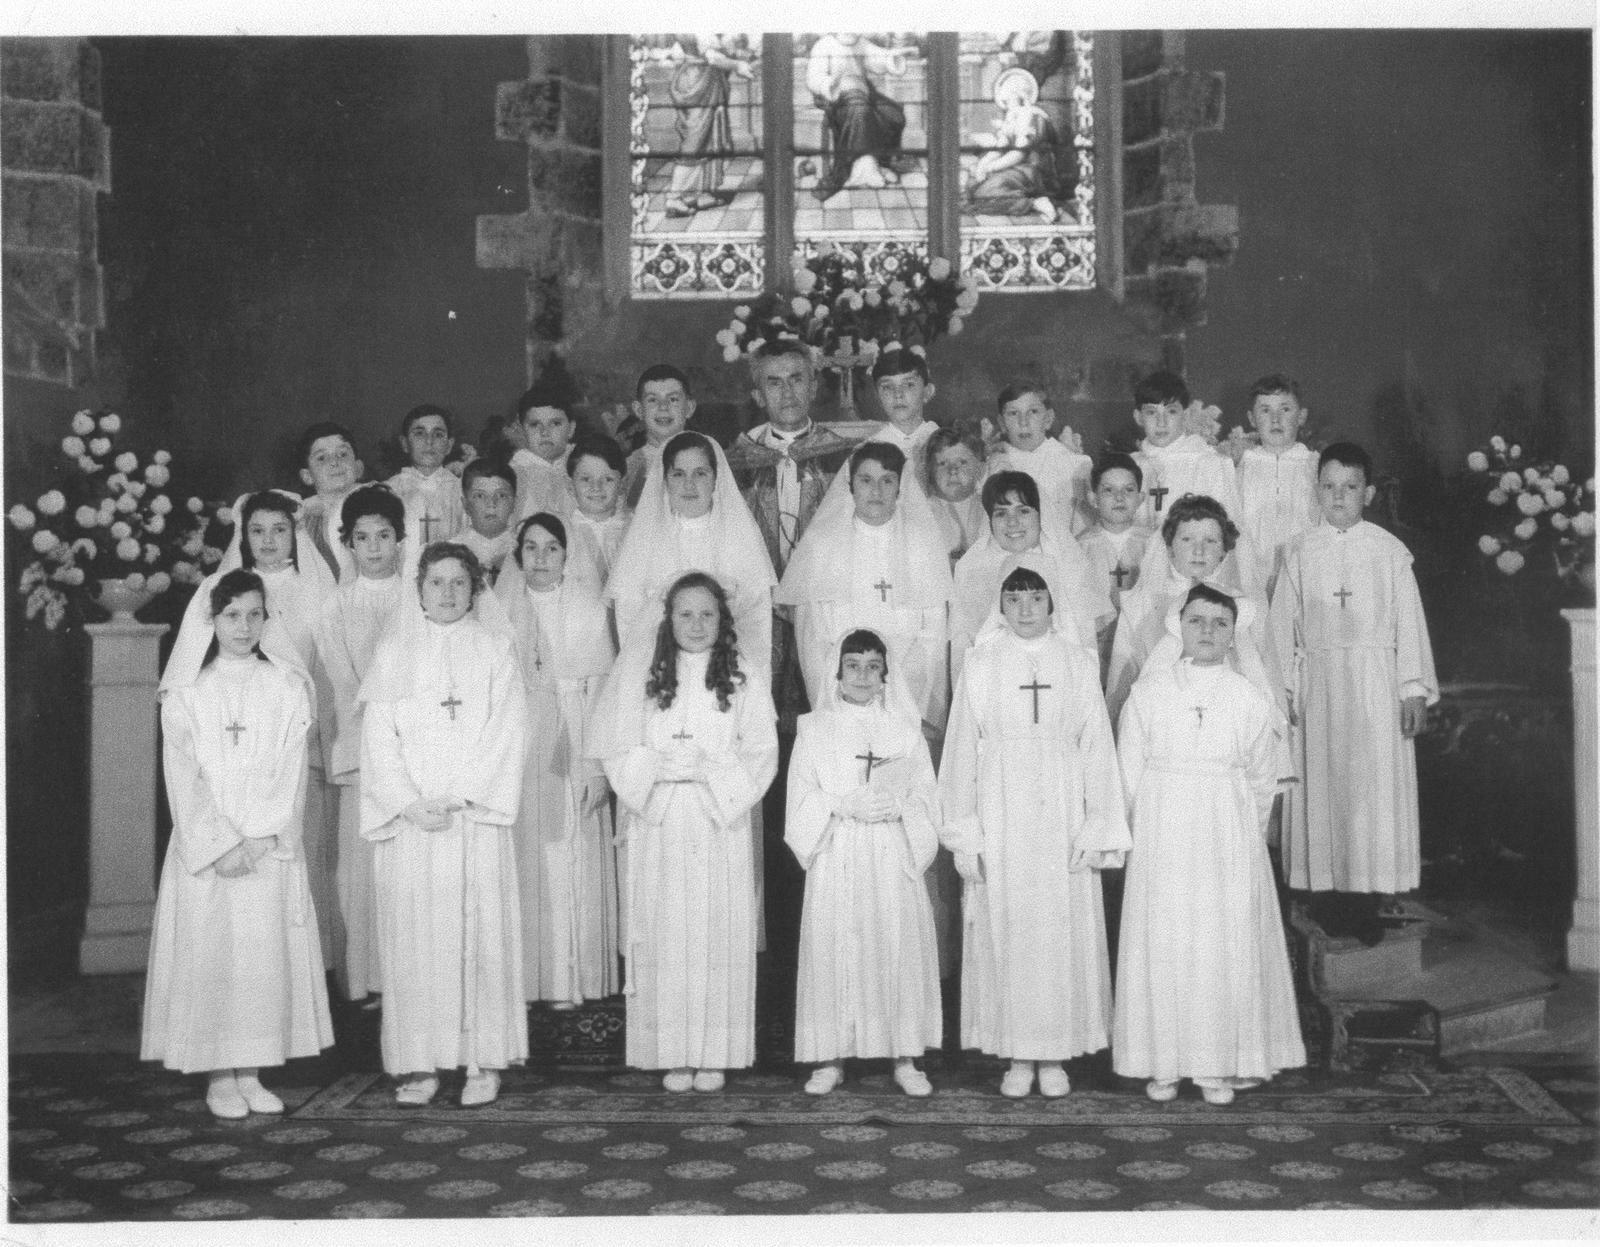 Généalogie marcoussis la fête de la rosière photos.1955et1965